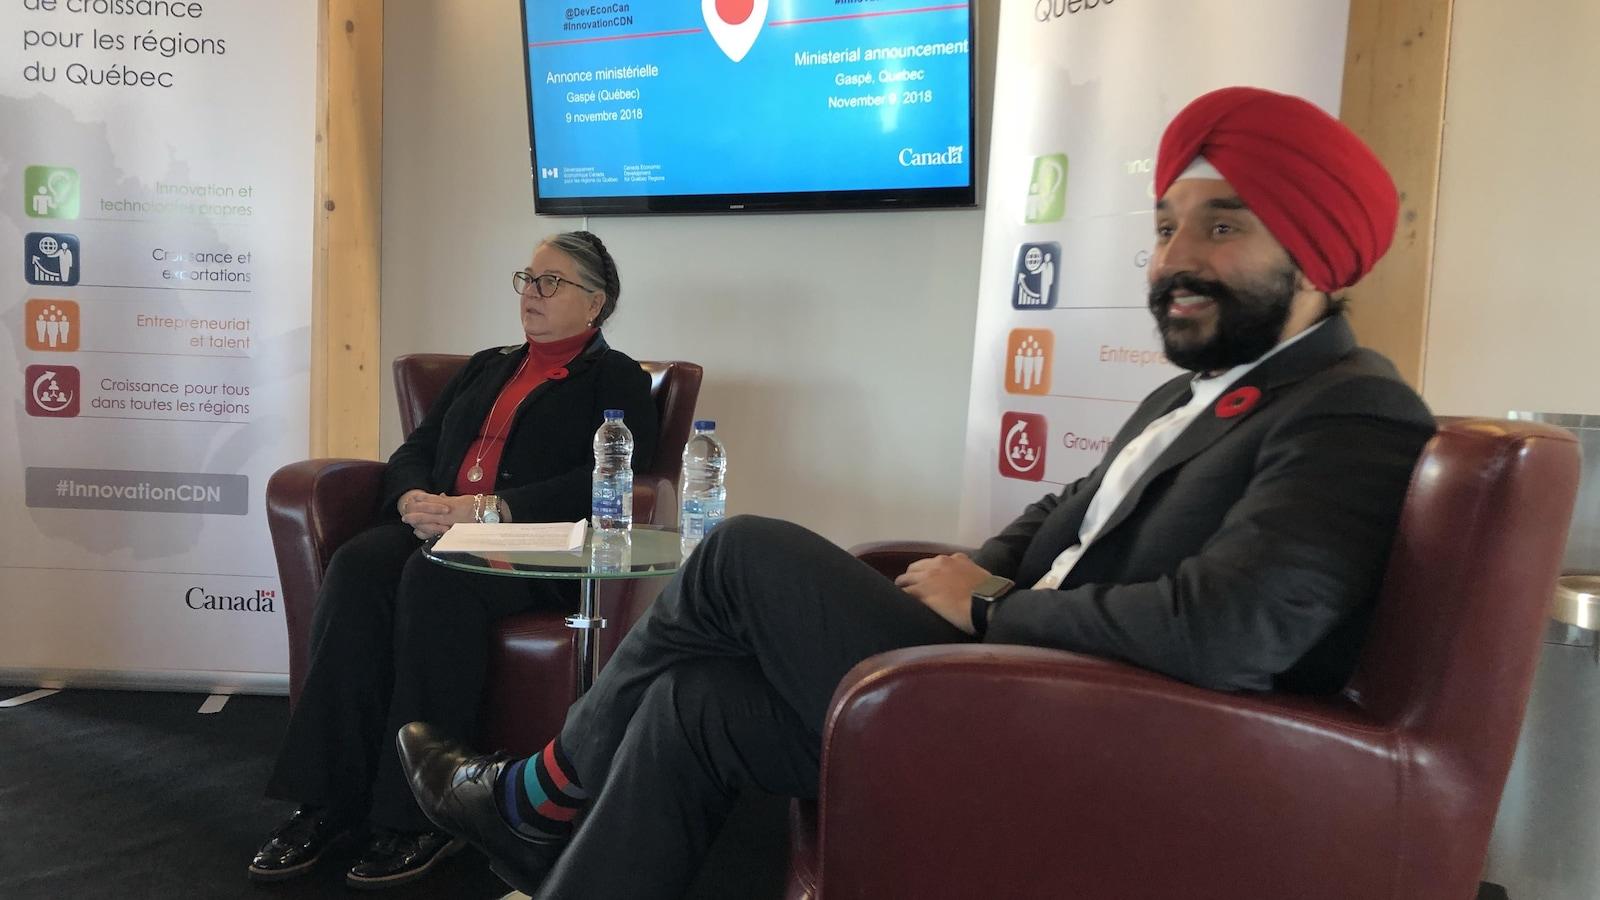 Une femme assise dans un fauteuil brun et un homme assis dans un fauteuil rouge